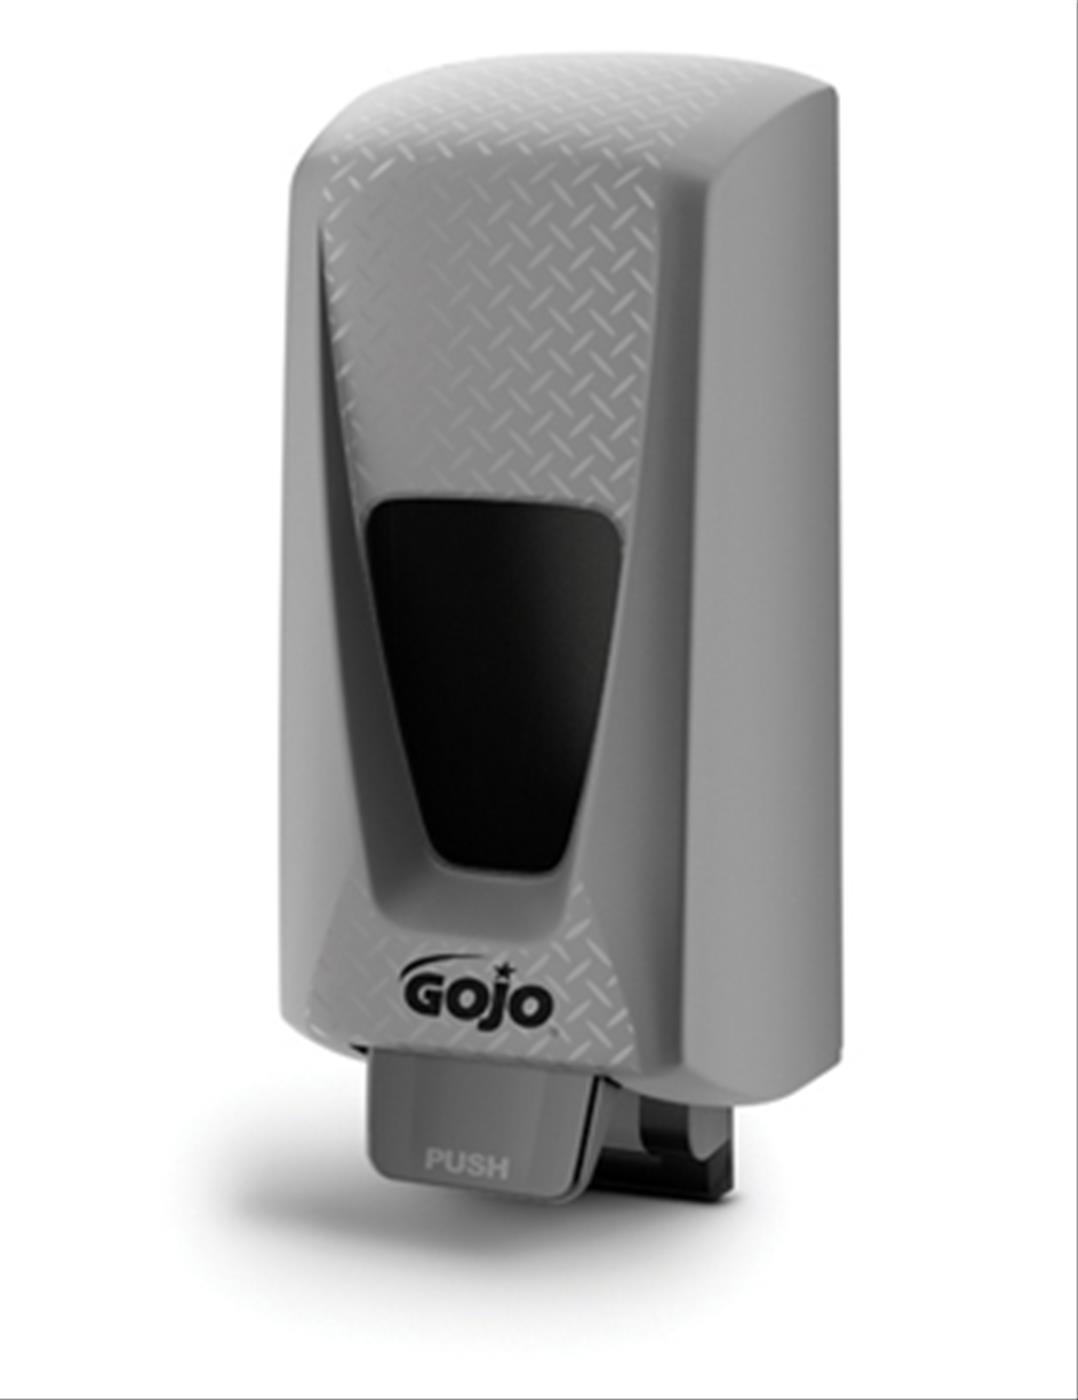 GOJO TDX 5000 Dispenser